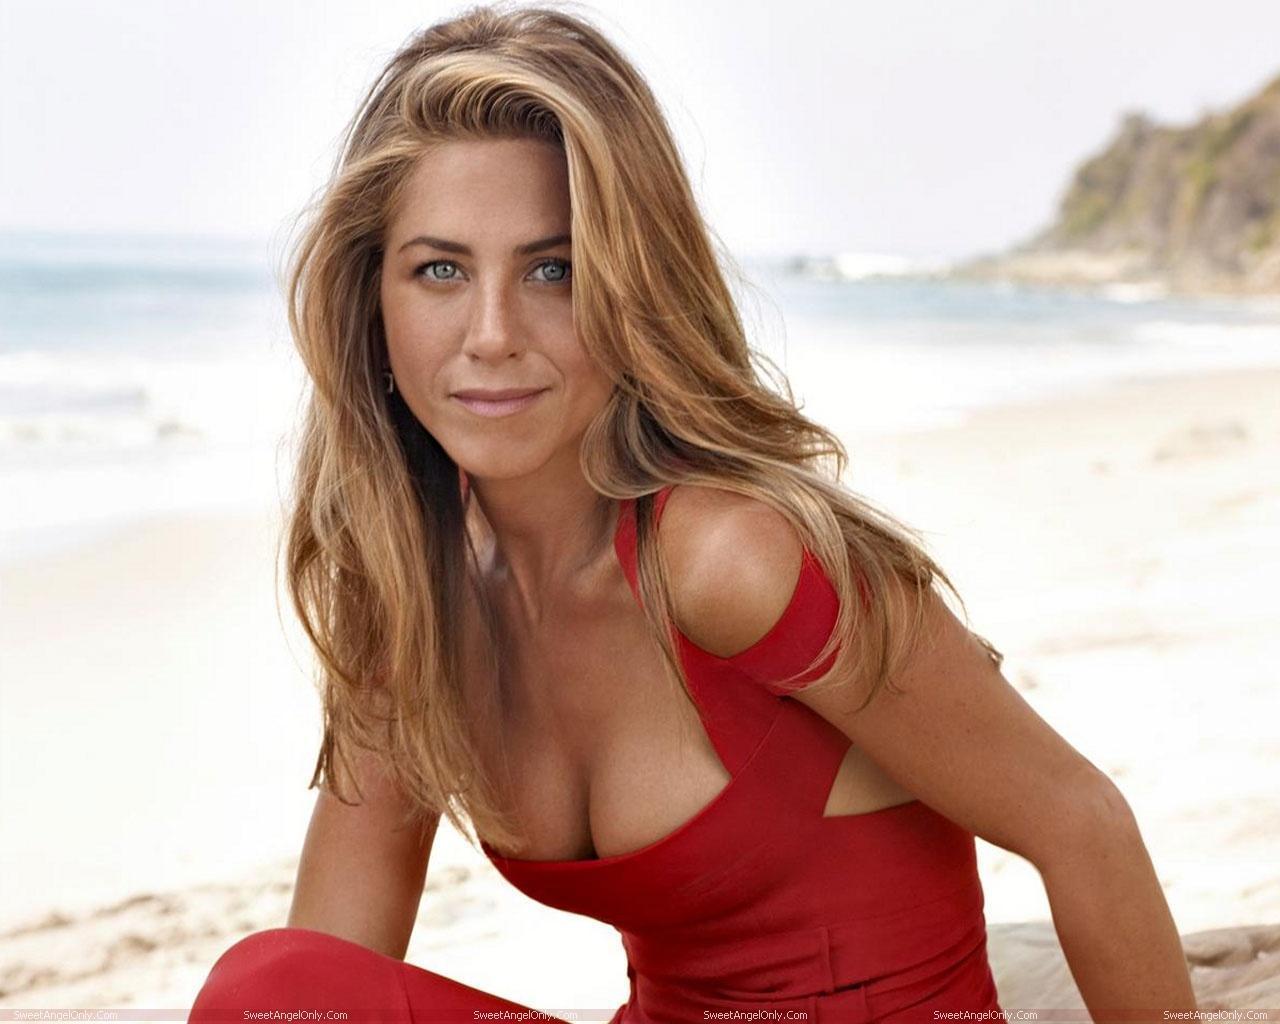 http://4.bp.blogspot.com/-us9FWtkzebk/T6NrRVMnrQI/AAAAAAAAApA/h_1Cu5eJUSs/s1600/Jennifer+Aniston+04.jpg